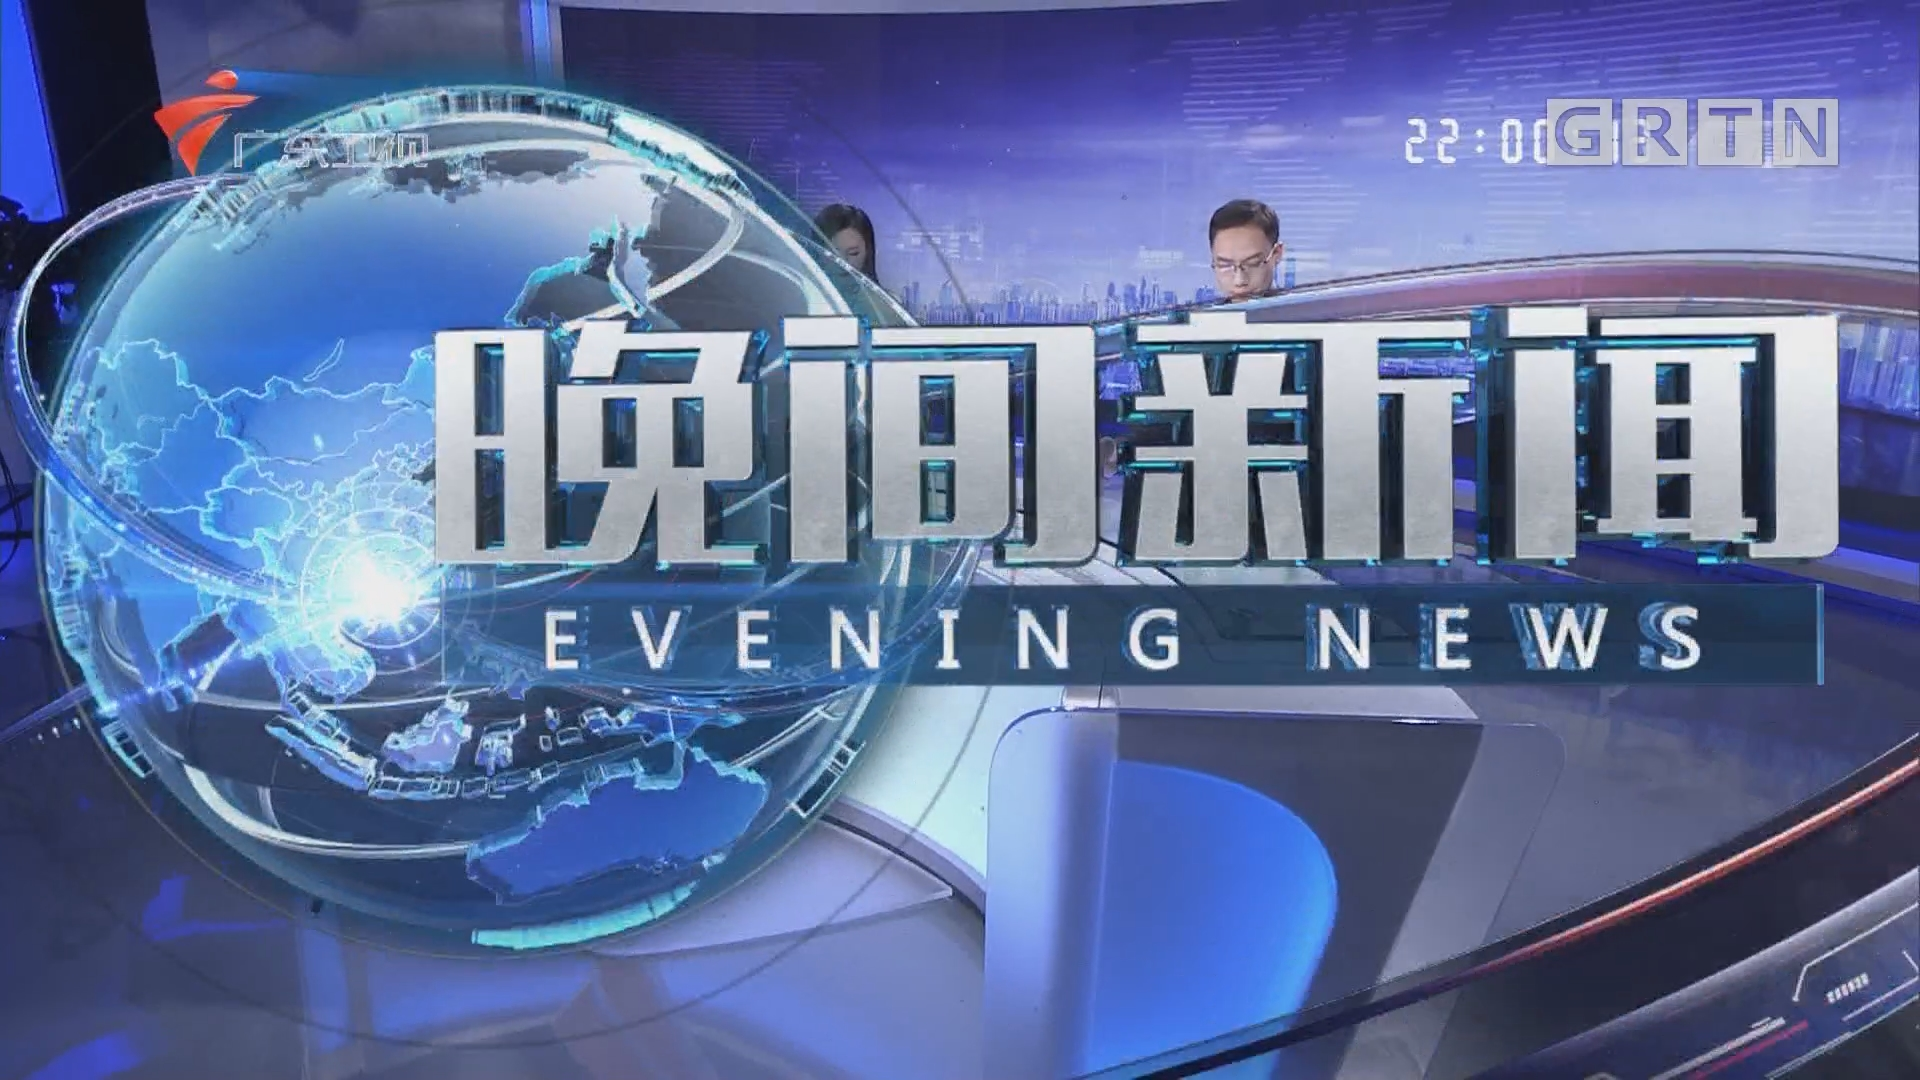 [HD][2019-08-13]晚间新闻:广东进入登革热流行季 专家提醒慎防登革热